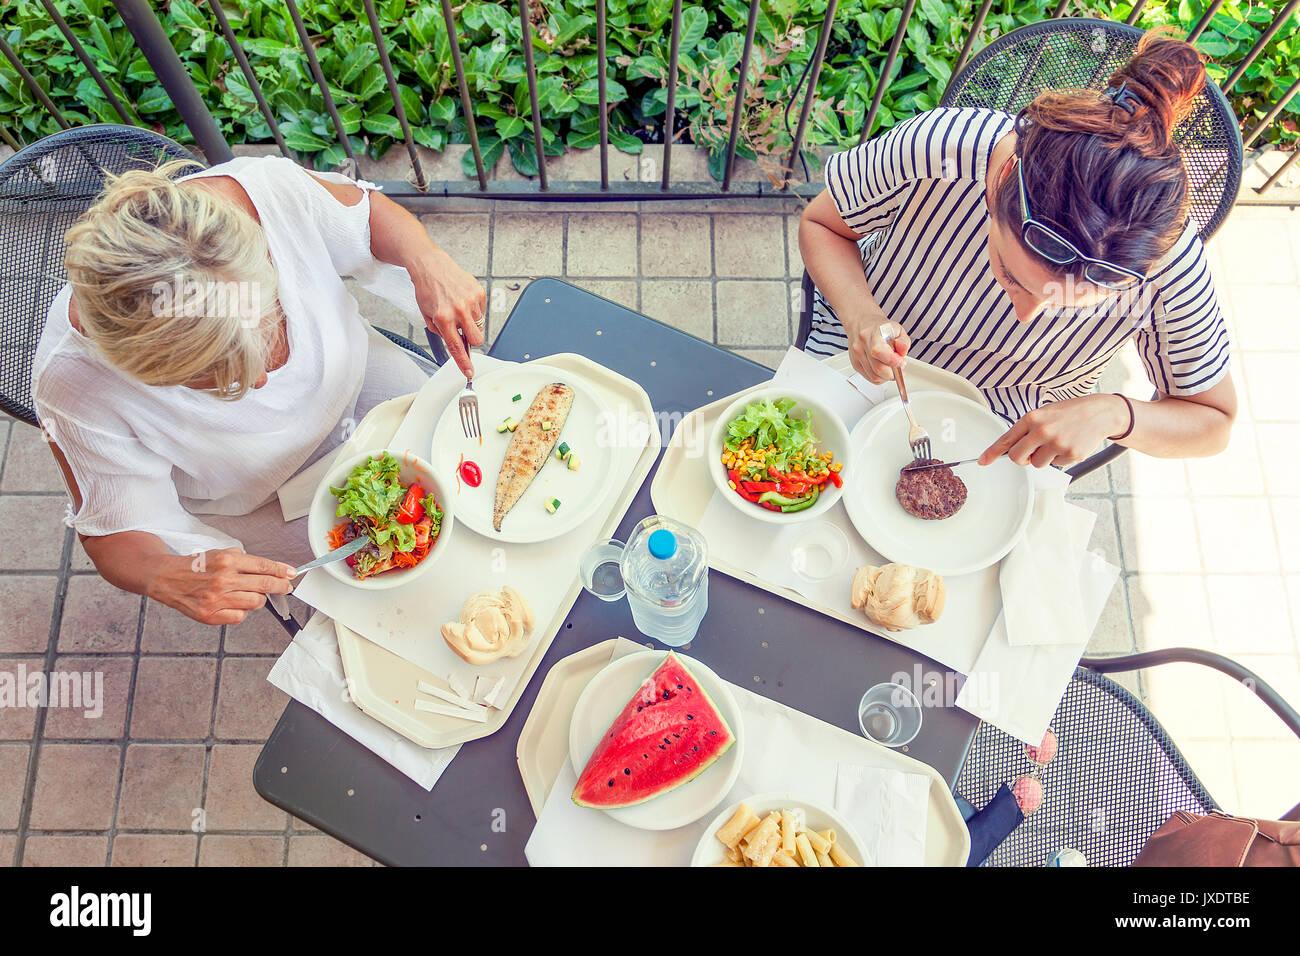 Moderne Mutter und Tochter Essen am Tisch sitzen in einem Wasserpark auf Sommer. Konzept der schönen Menschen Spaß im Sommer Stockbild